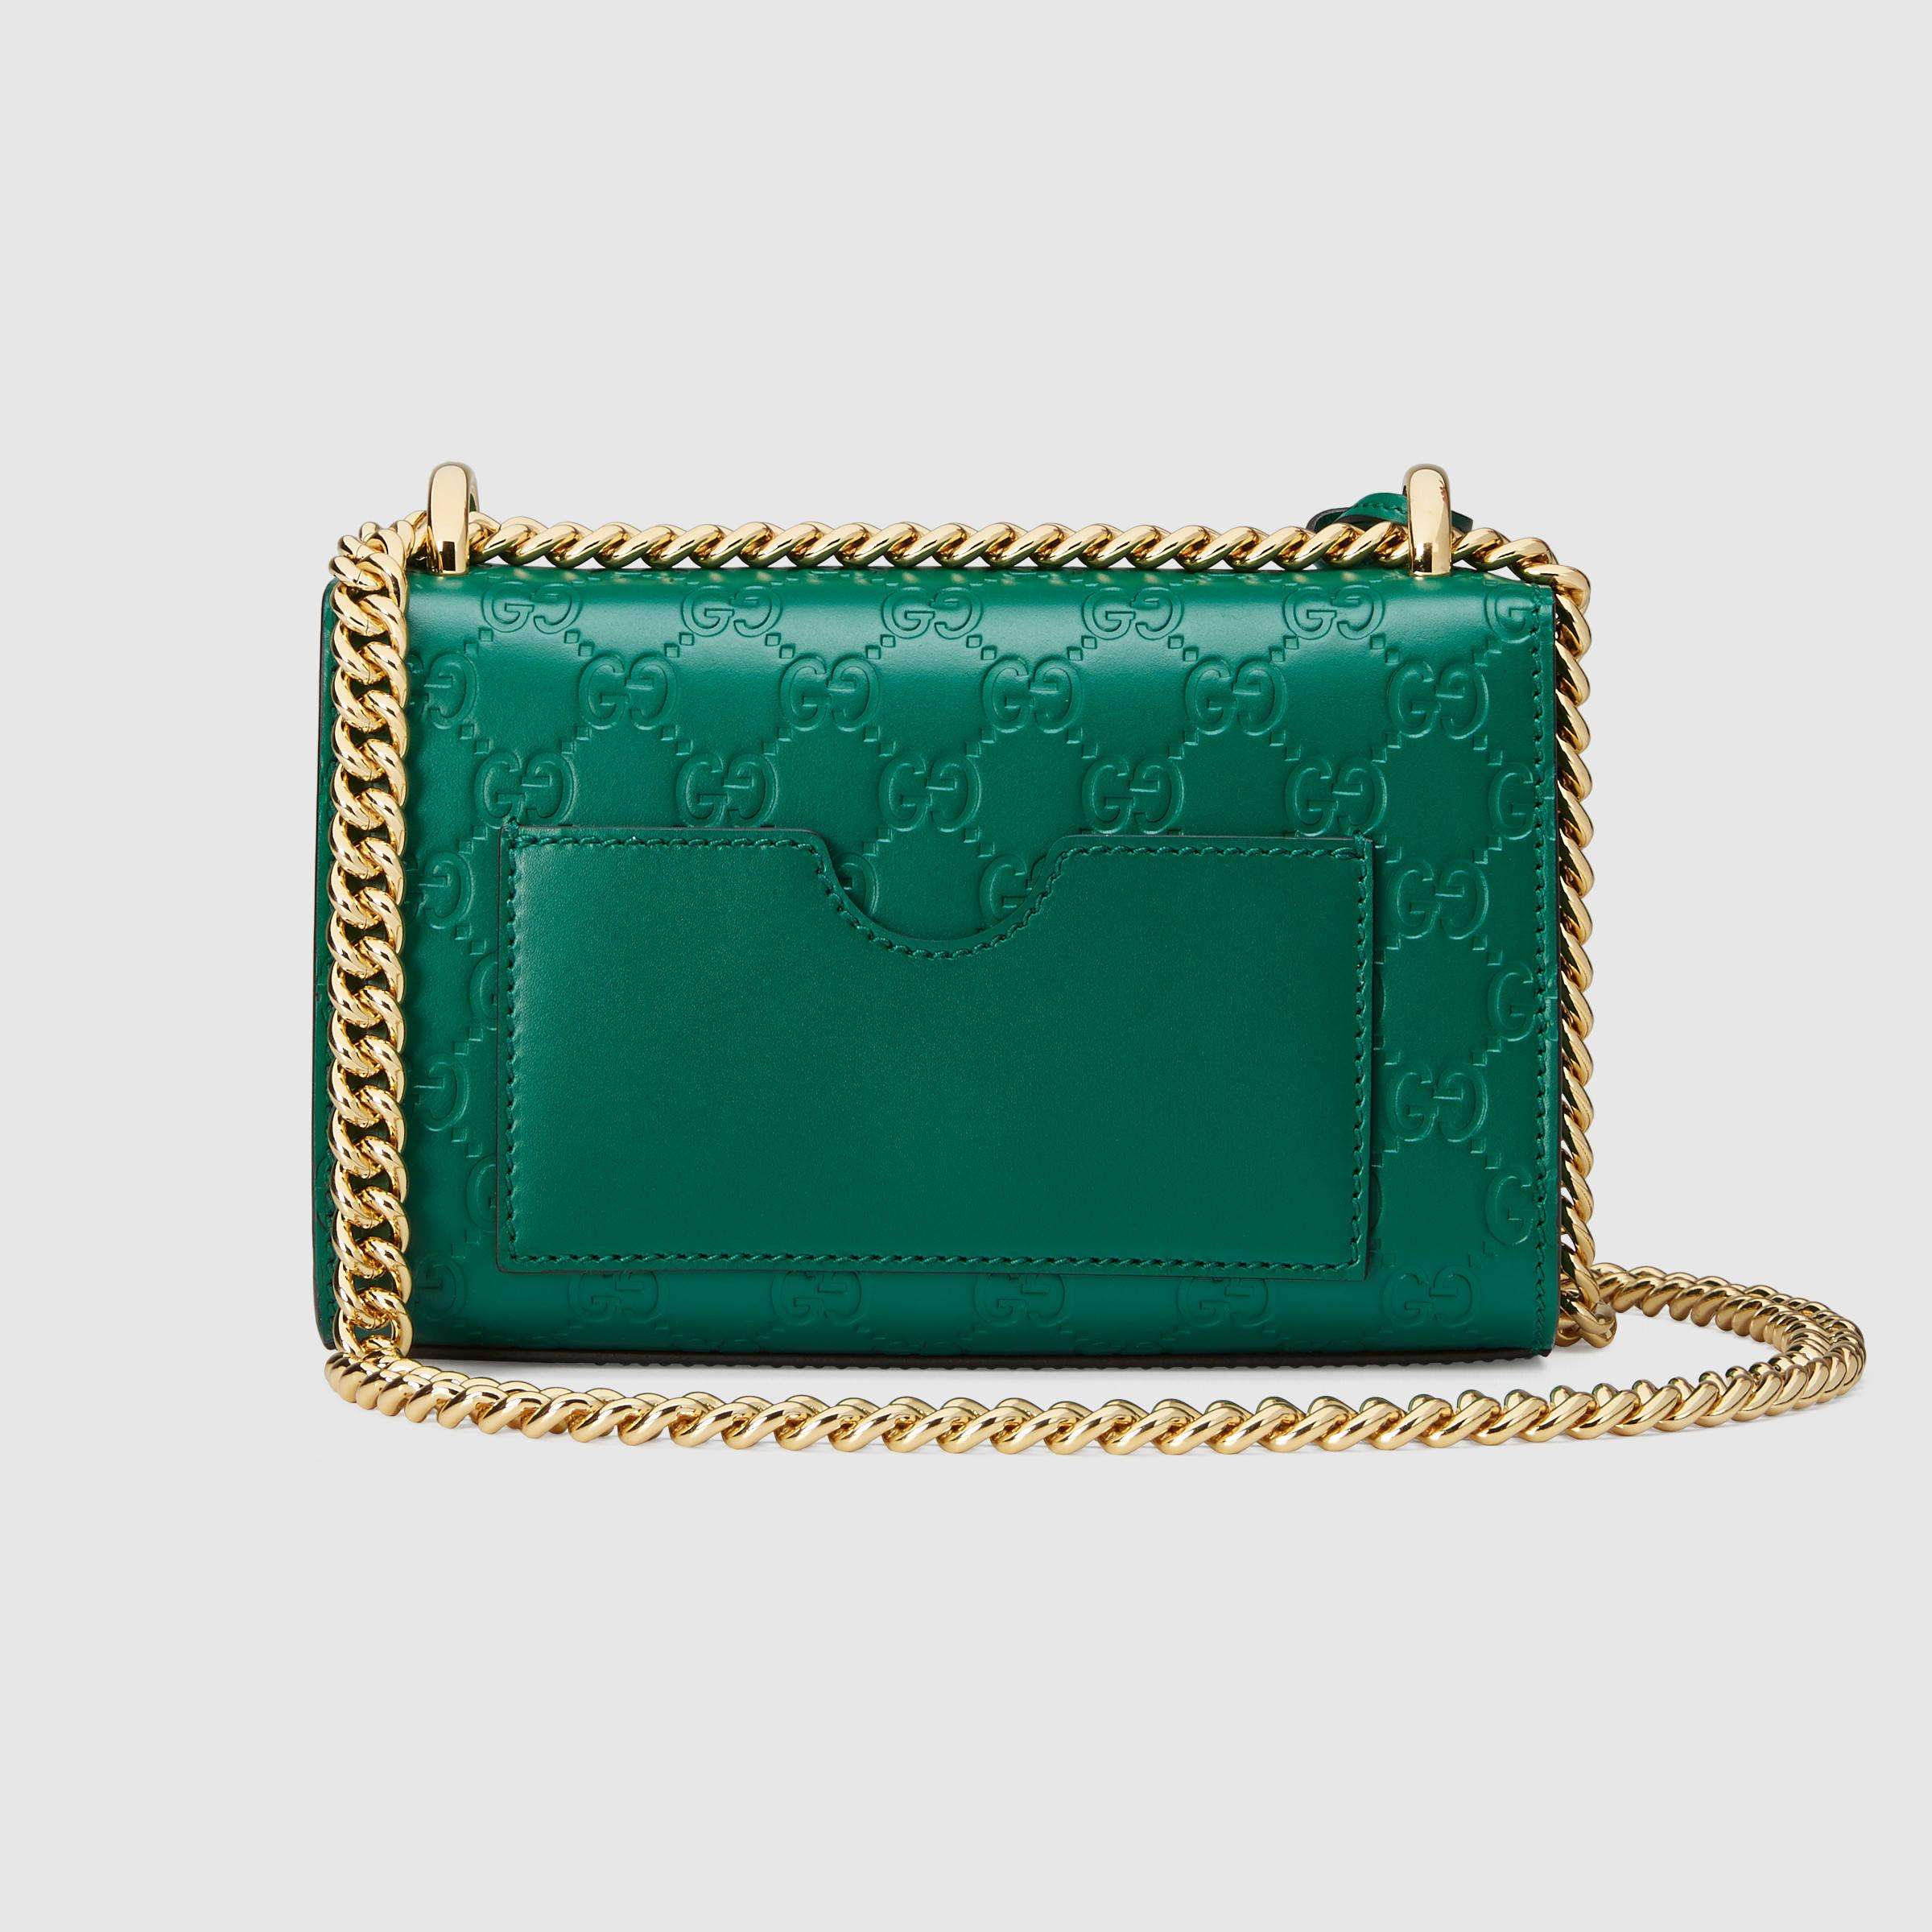 Lyst - Gucci Padlock Signature Shoulder Bag in Green 285d28c86eea1